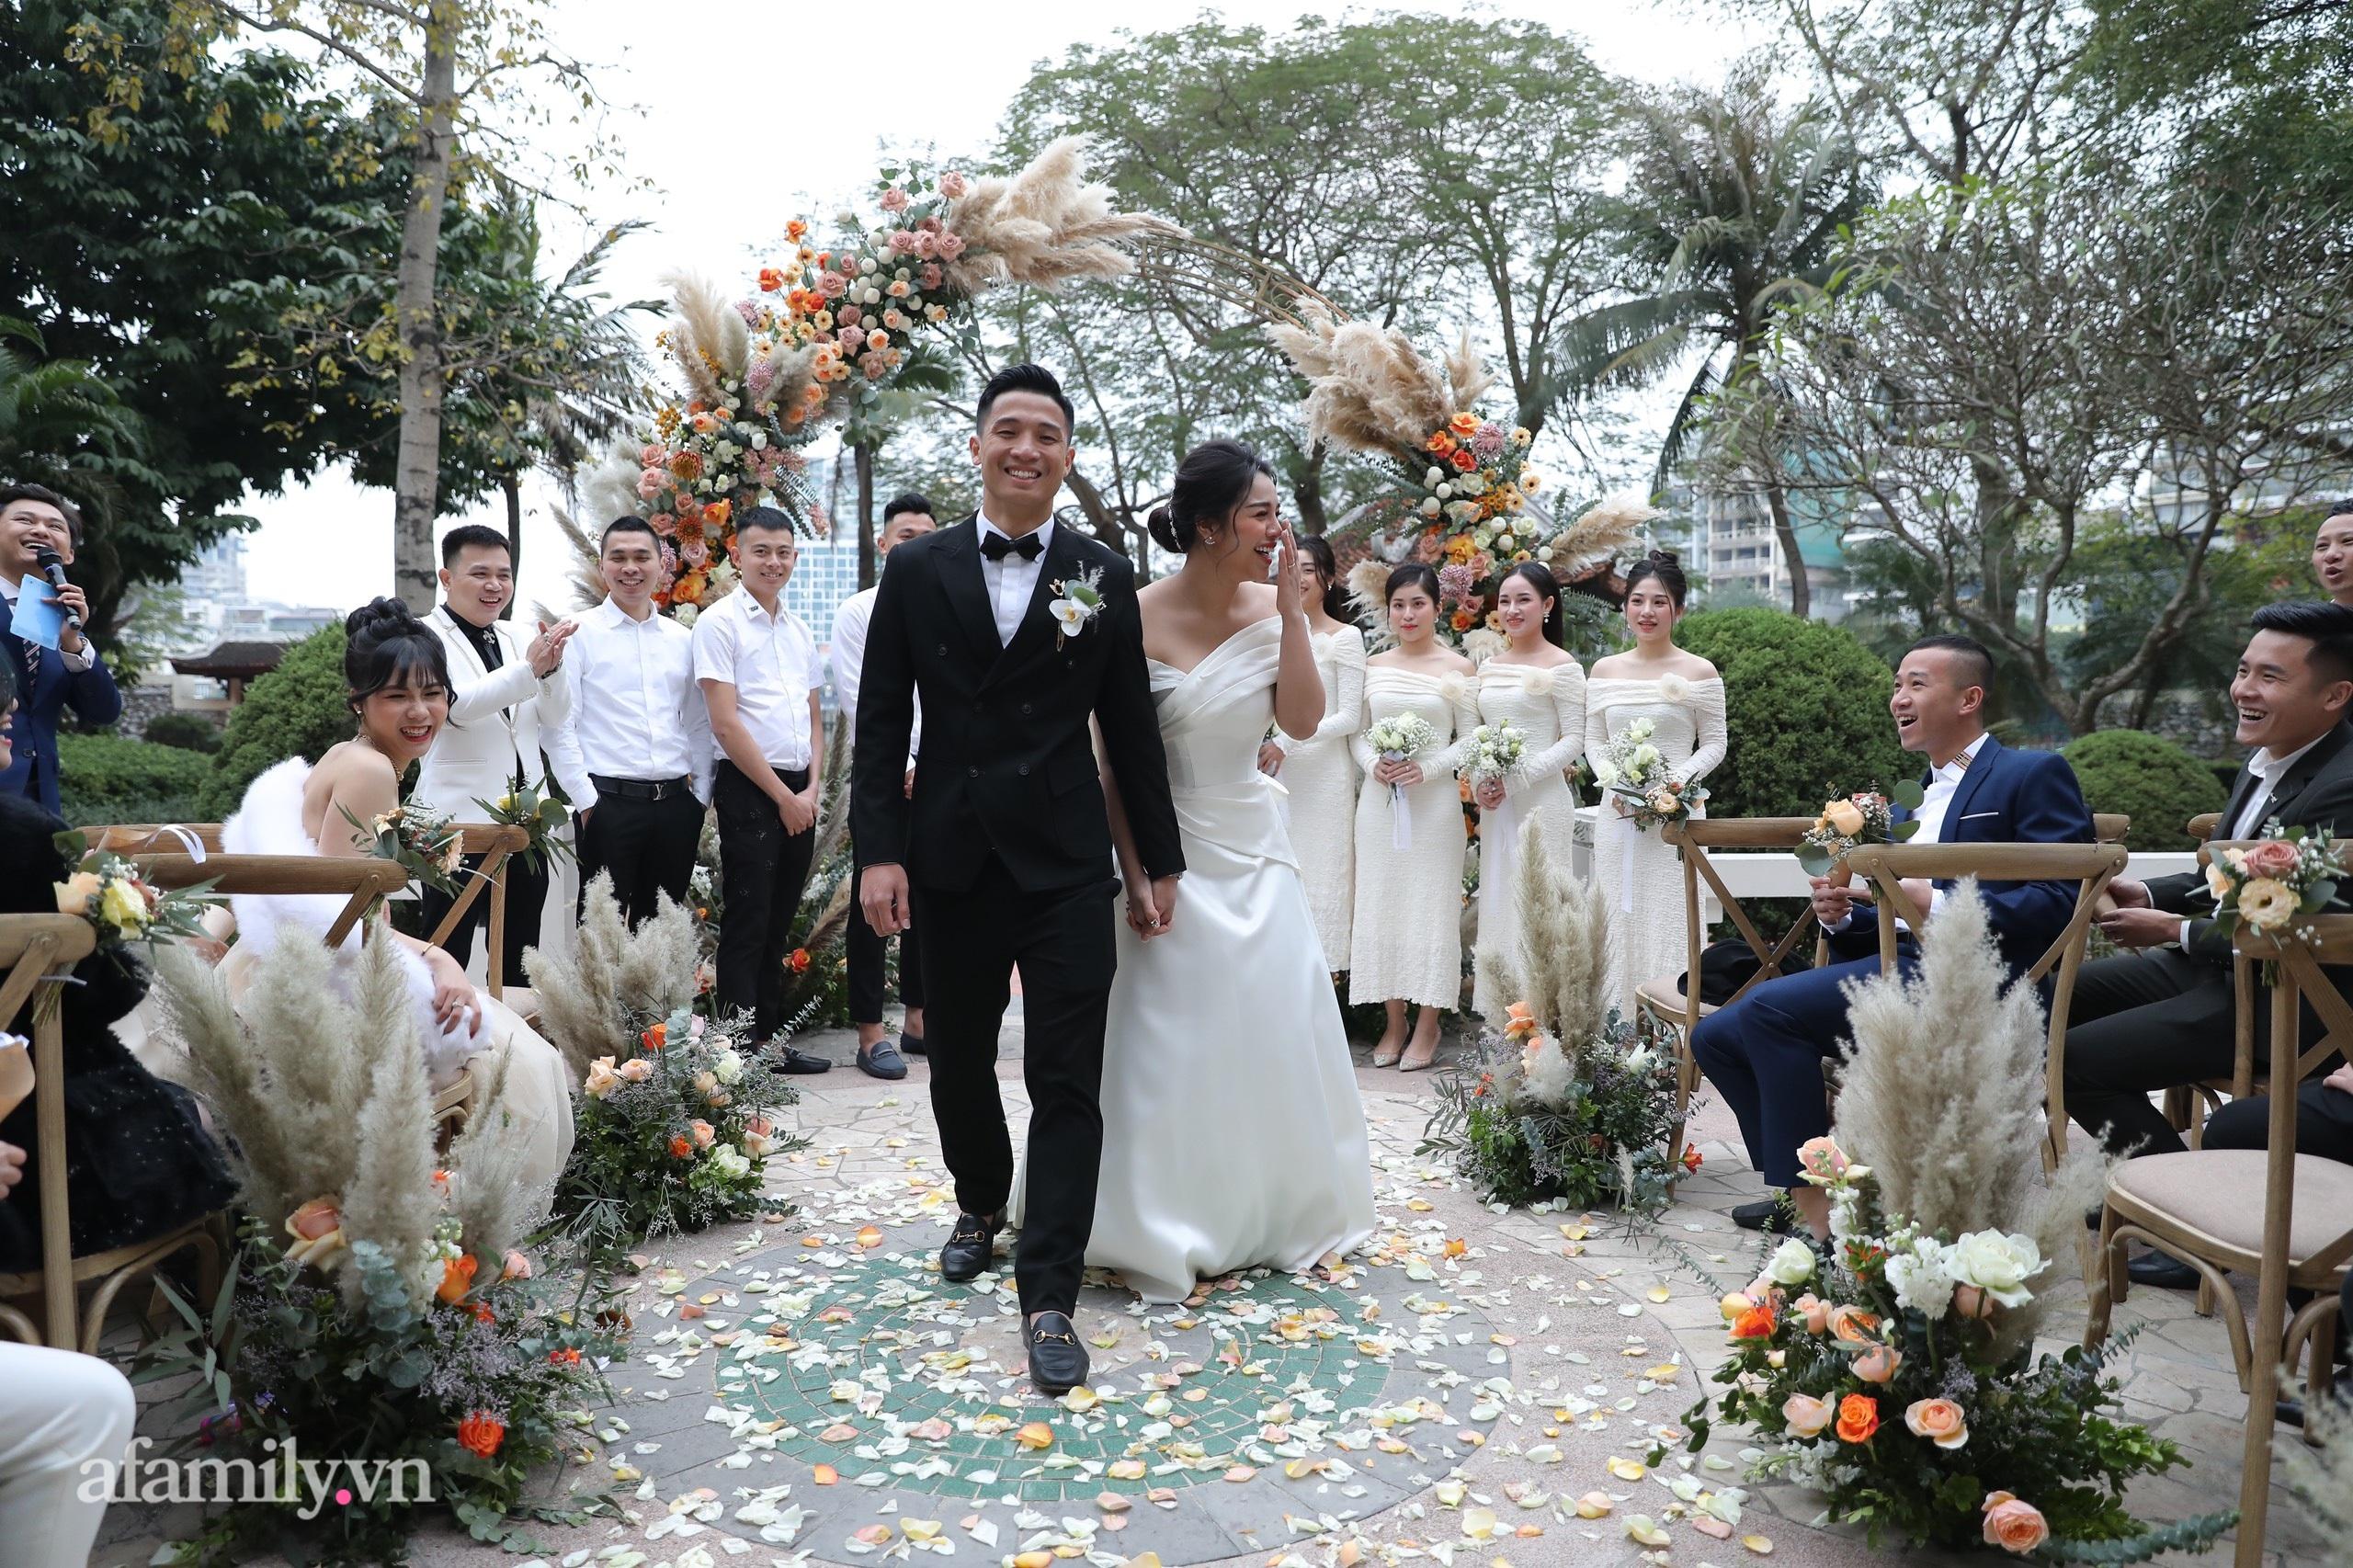 Đám cưới Bùi Tiến Dũng - Khánh Linh, cô dâu cười tươi rạng rỡ dù thời tiết Hà Nội đang rất lạnh-6